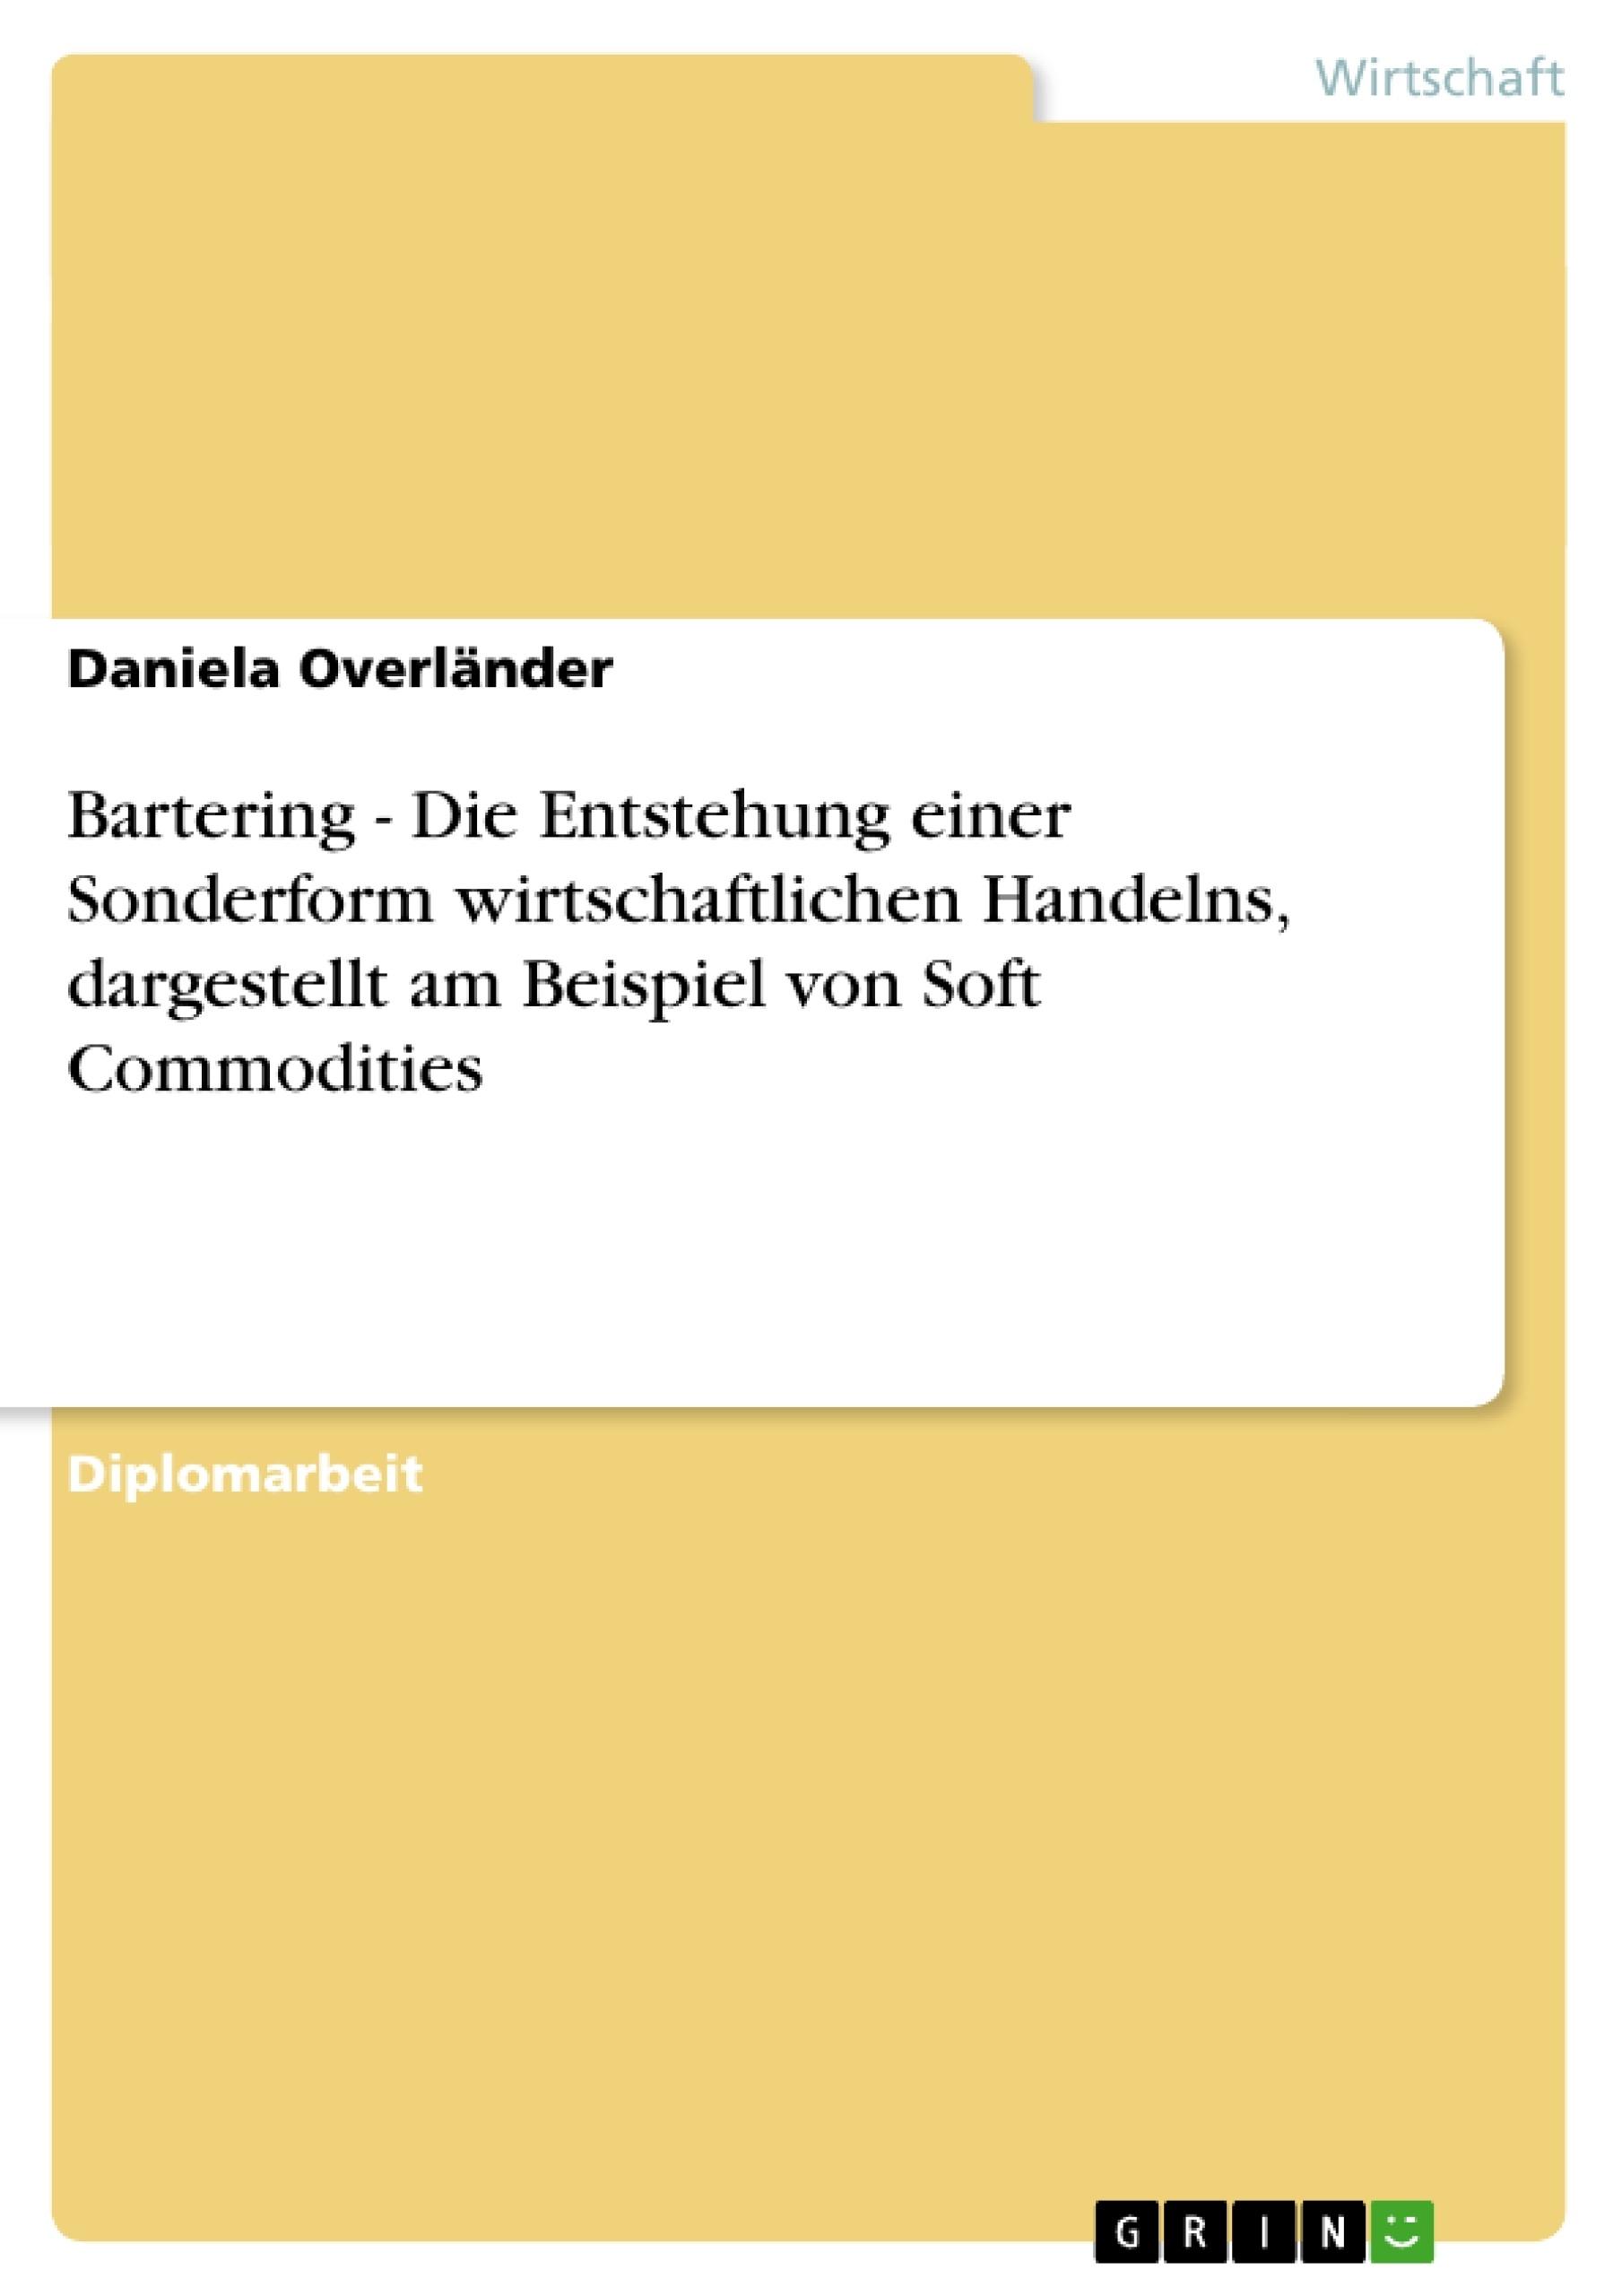 Titel: Bartering - Die Entstehung einer Sonderform wirtschaftlichen Handelns, dargestellt am Beispiel von Soft Commodities